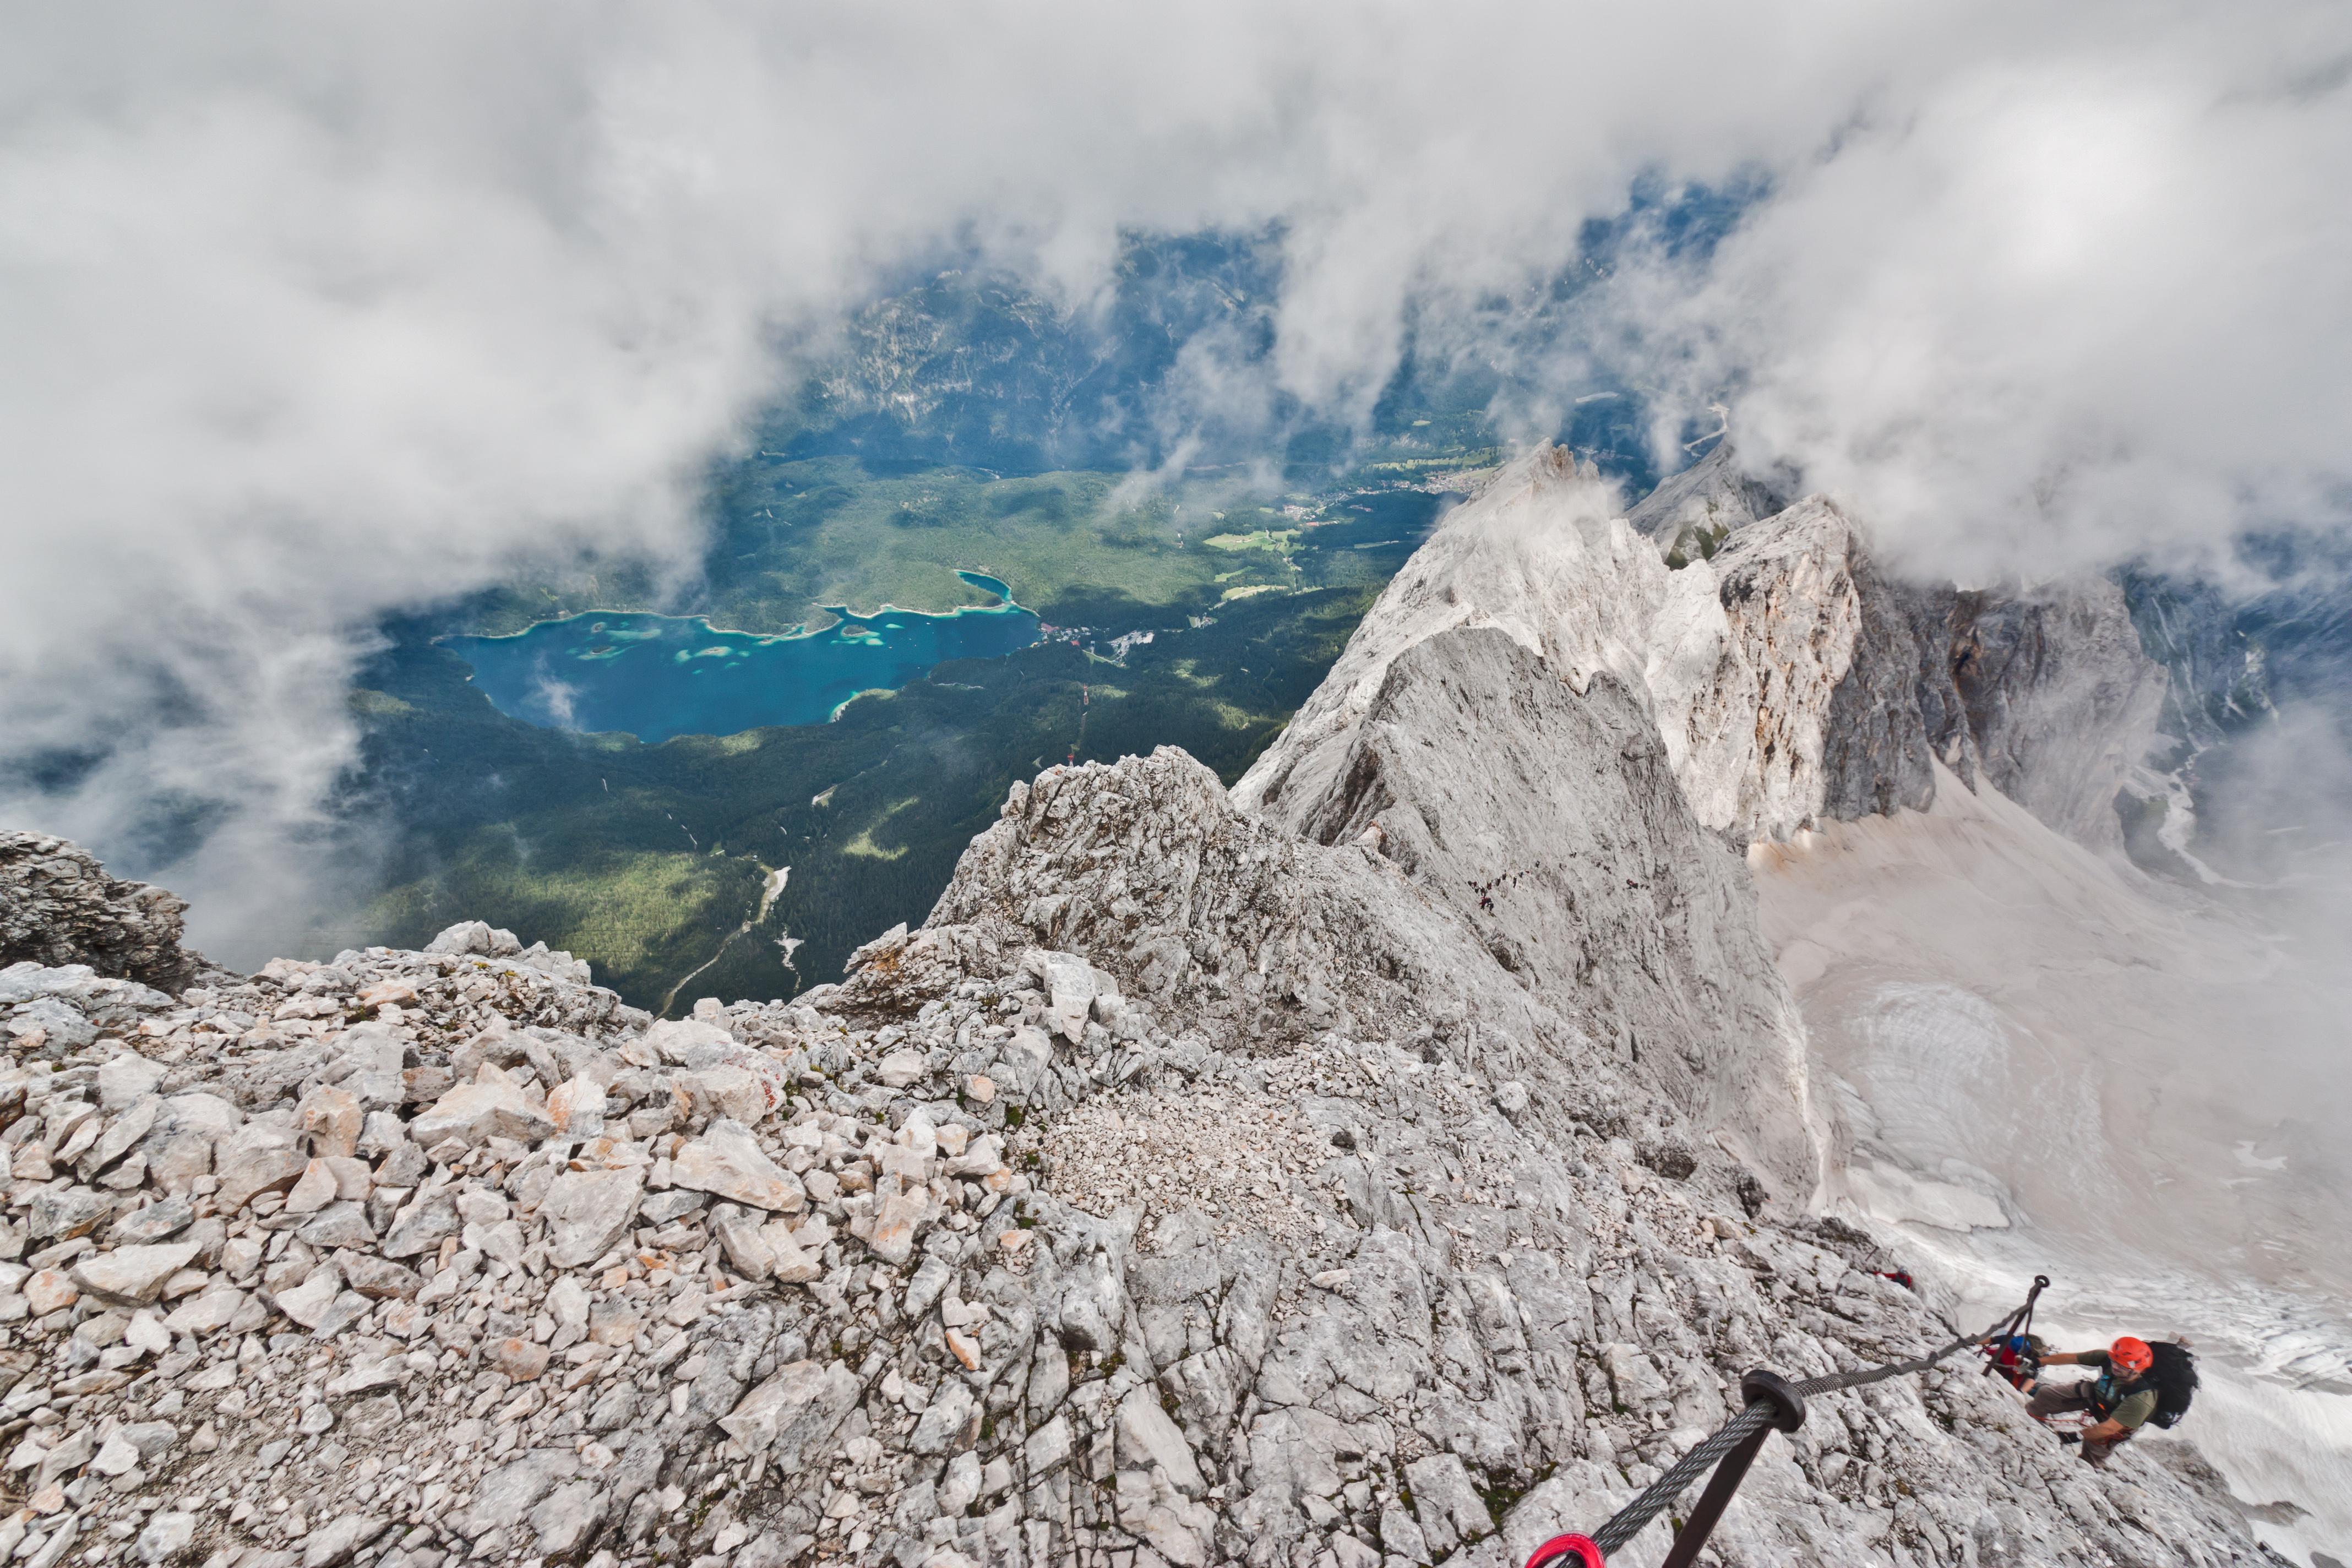 Klettersteig Zugspitze Höllental : Datei:höllental klettersteig zugspitze eibsee.jpg u2013 wikipedia